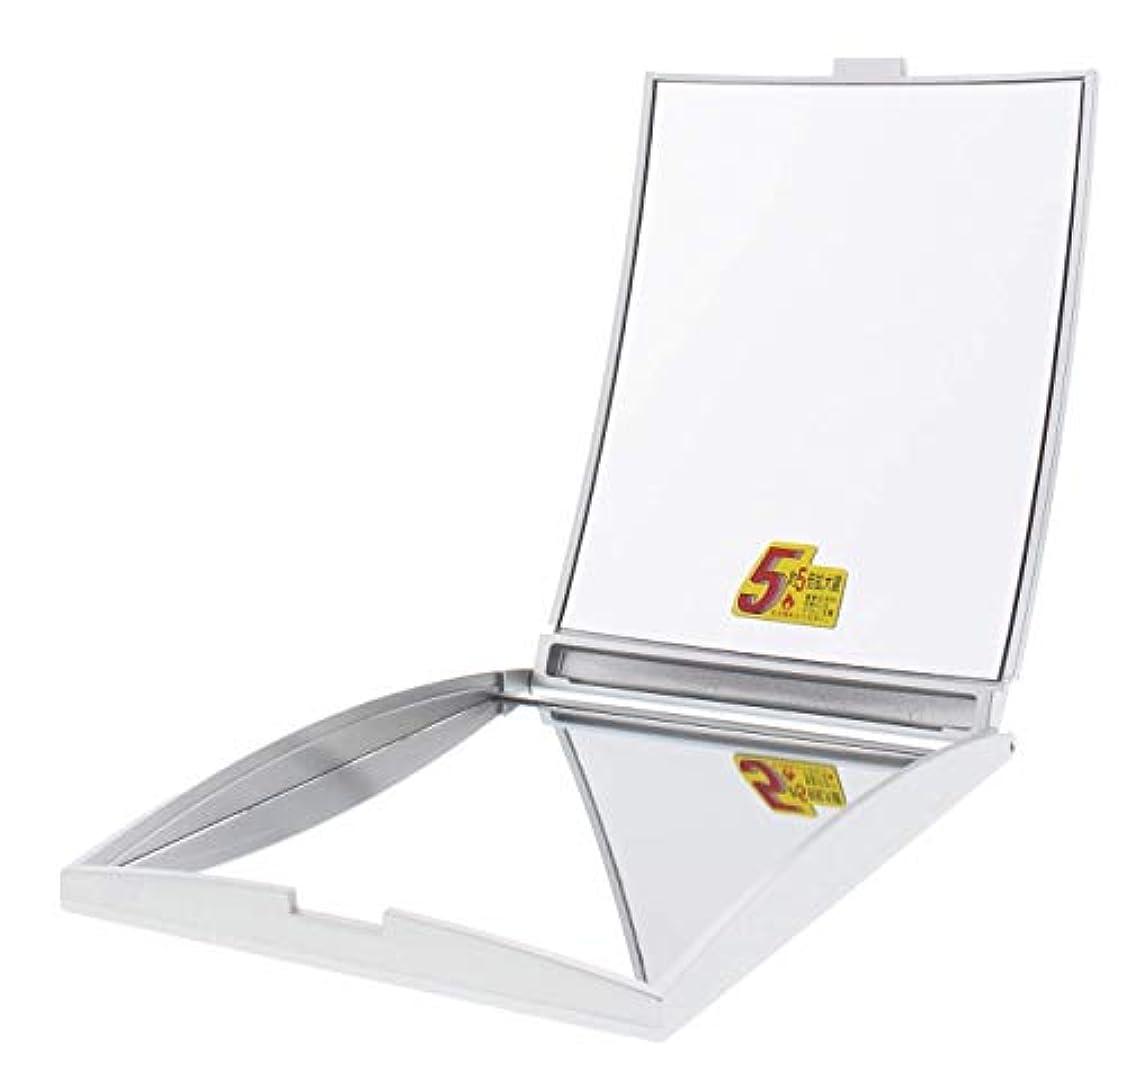 慢モットークローンメリー 片面約5倍拡大鏡付コンパクトミラー Lサイズ シルバー AD-104